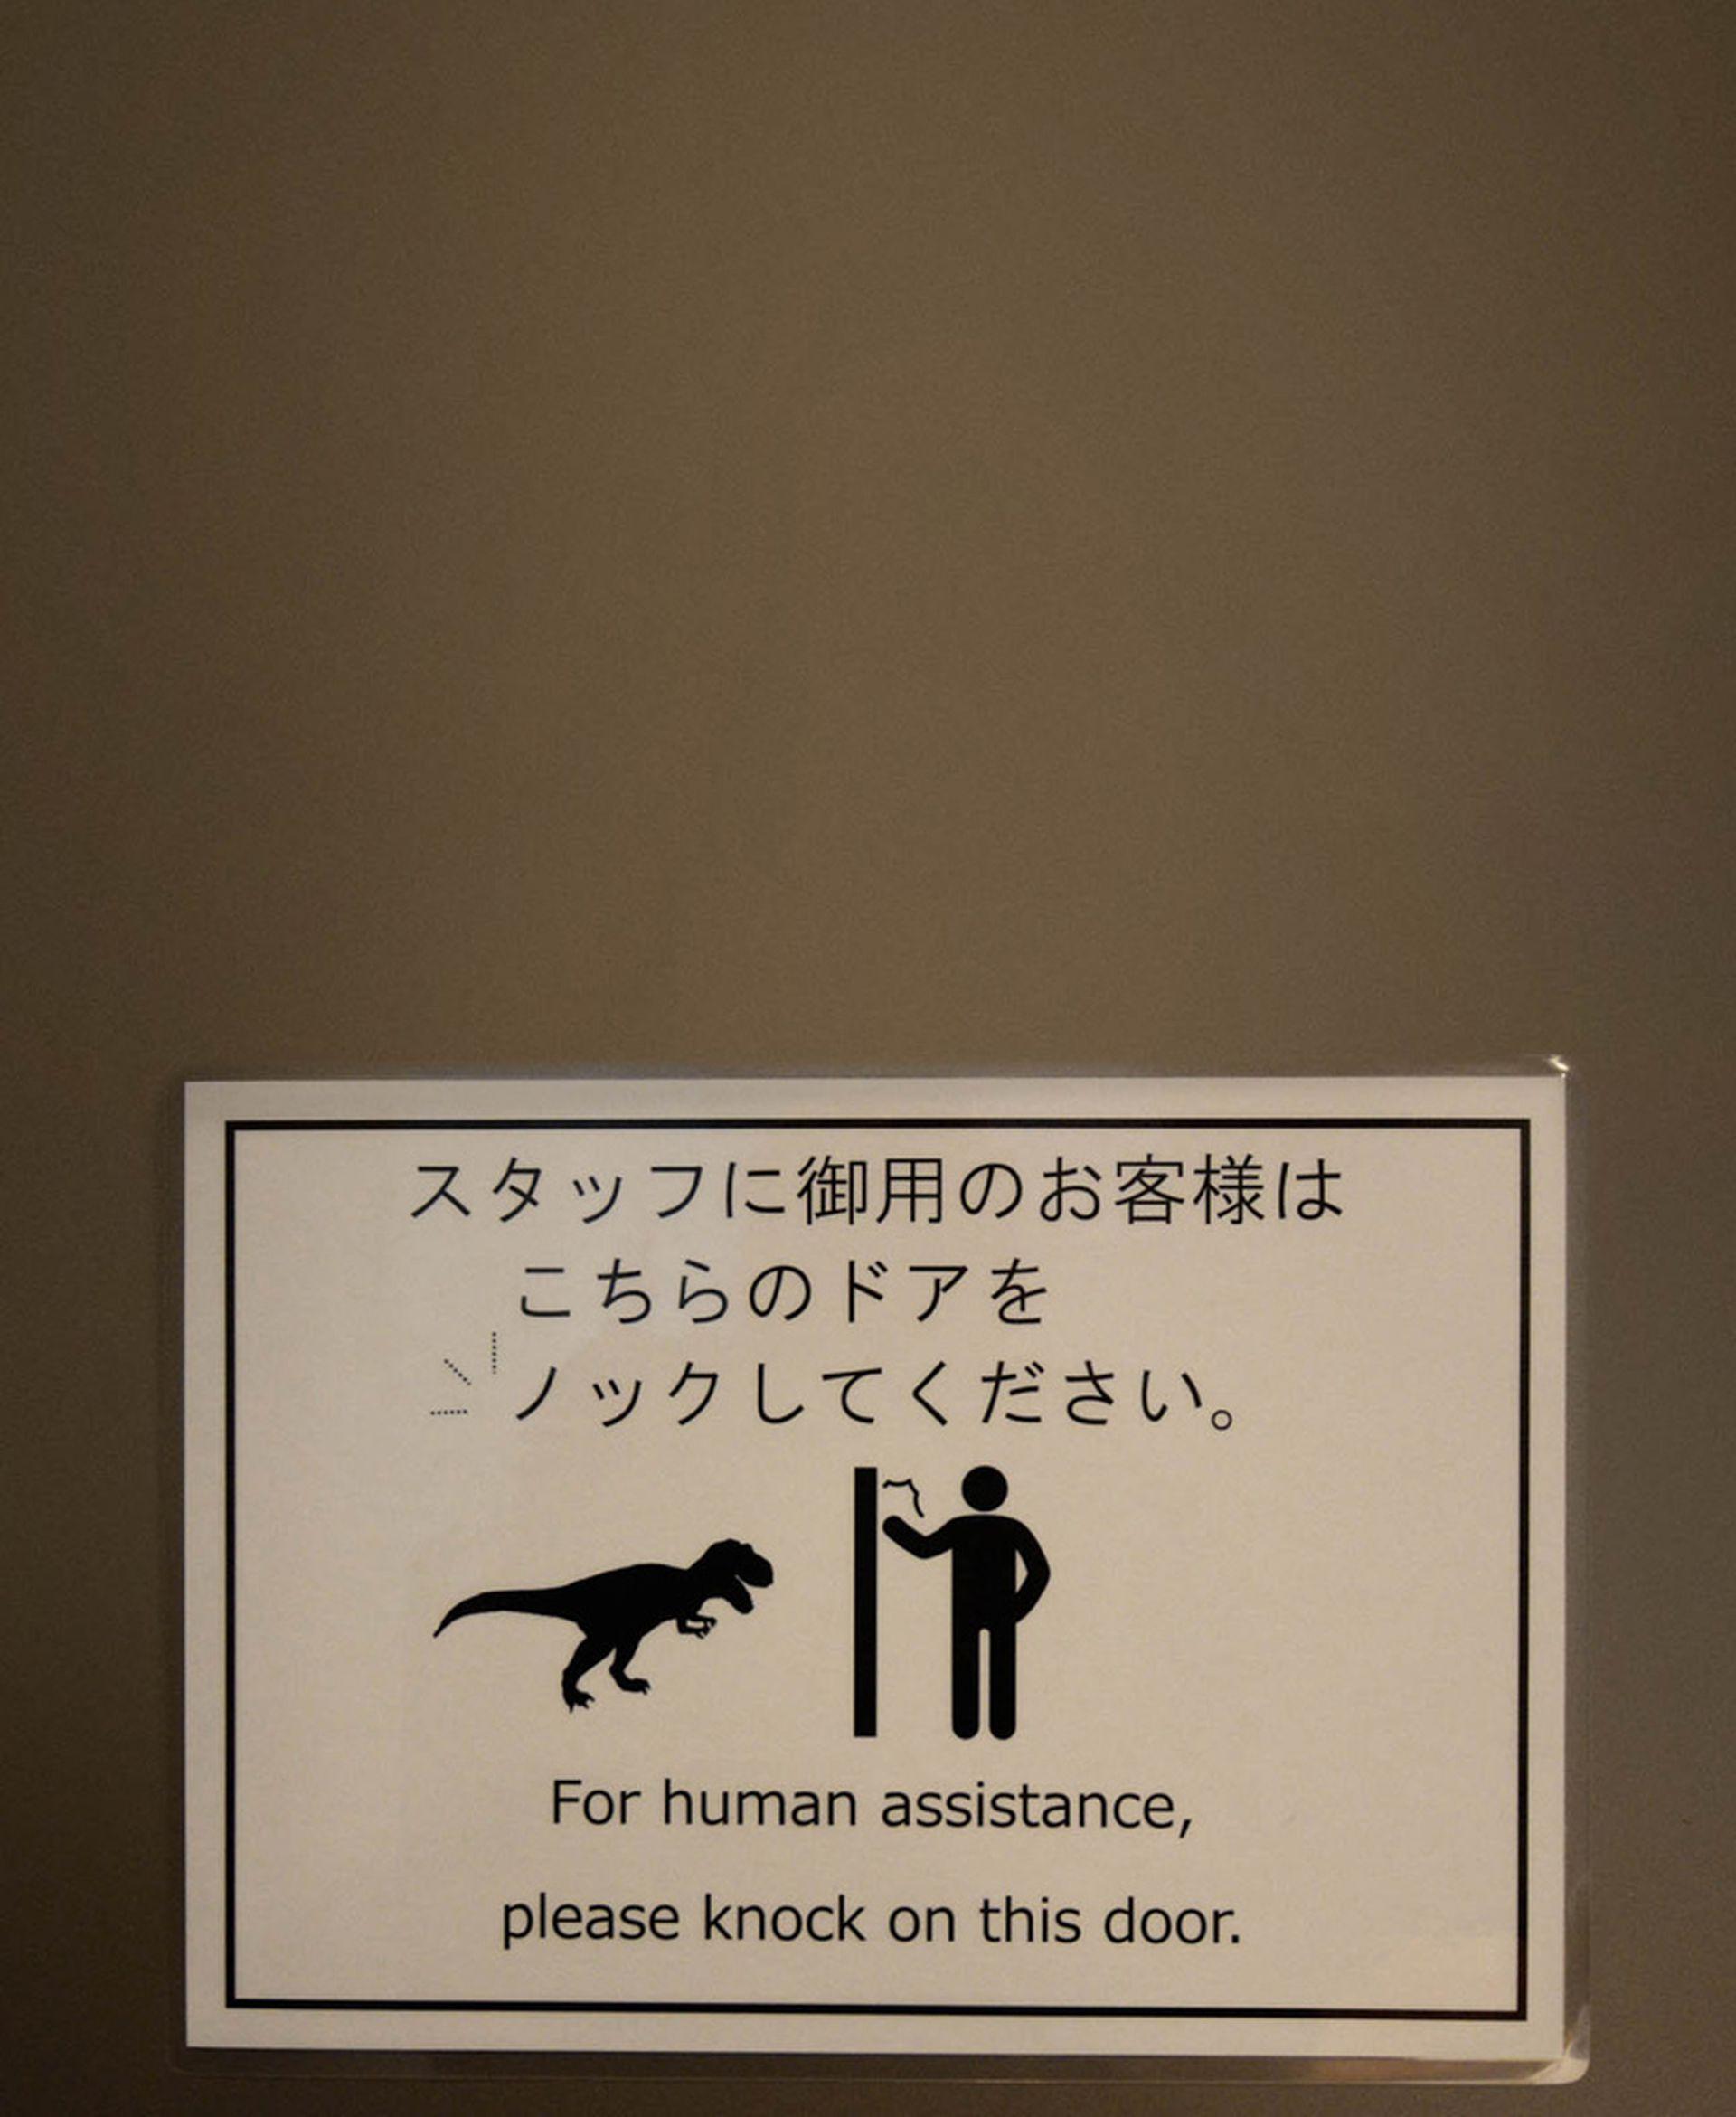 Si uno se lo propone, puede viajar por suelo nipón sin necesidad de interactuar con personas.